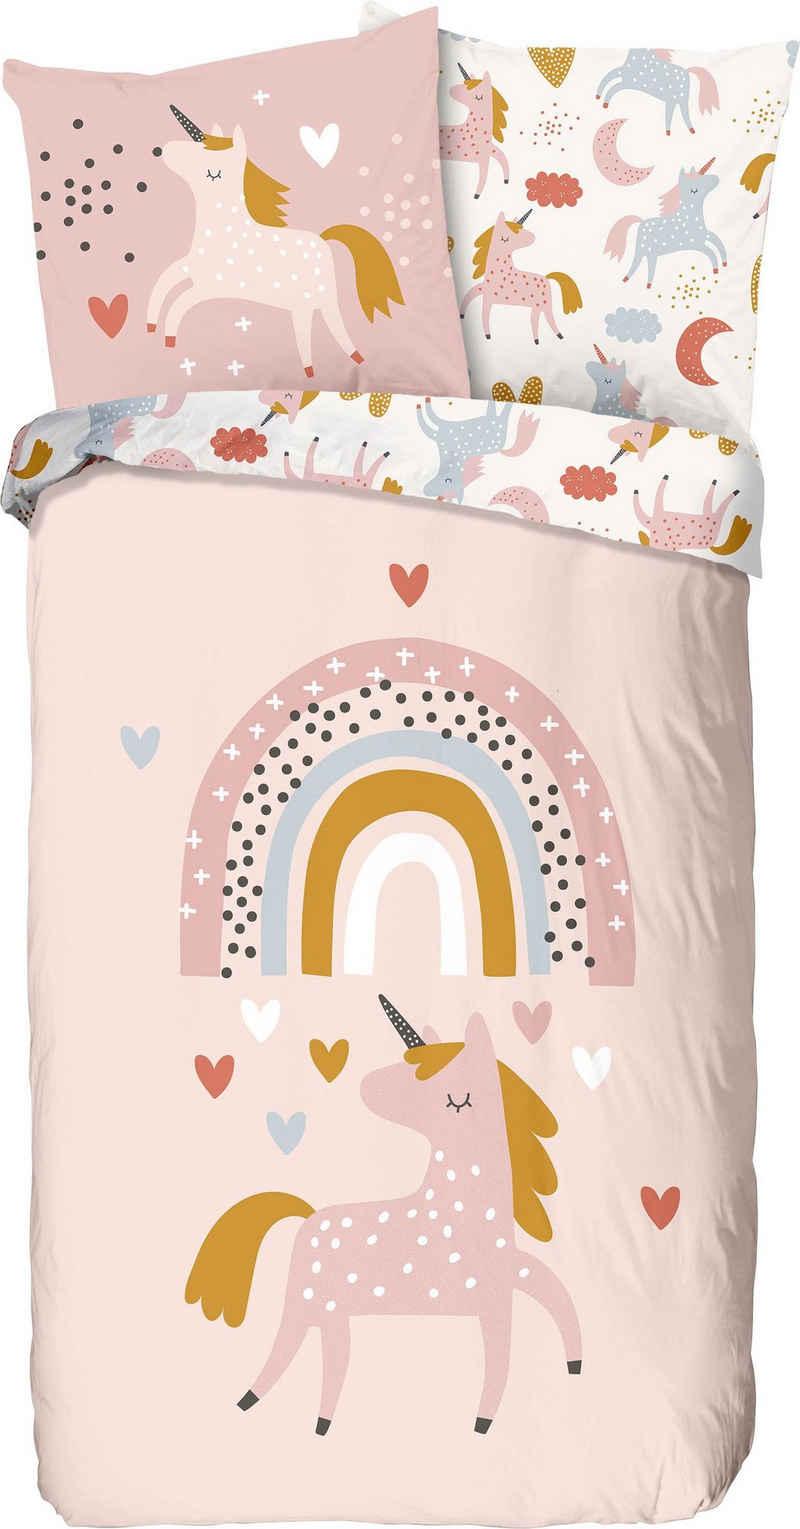 Kinderbettwäsche »Unilove«, good morning, bedruckt mit Einhorn